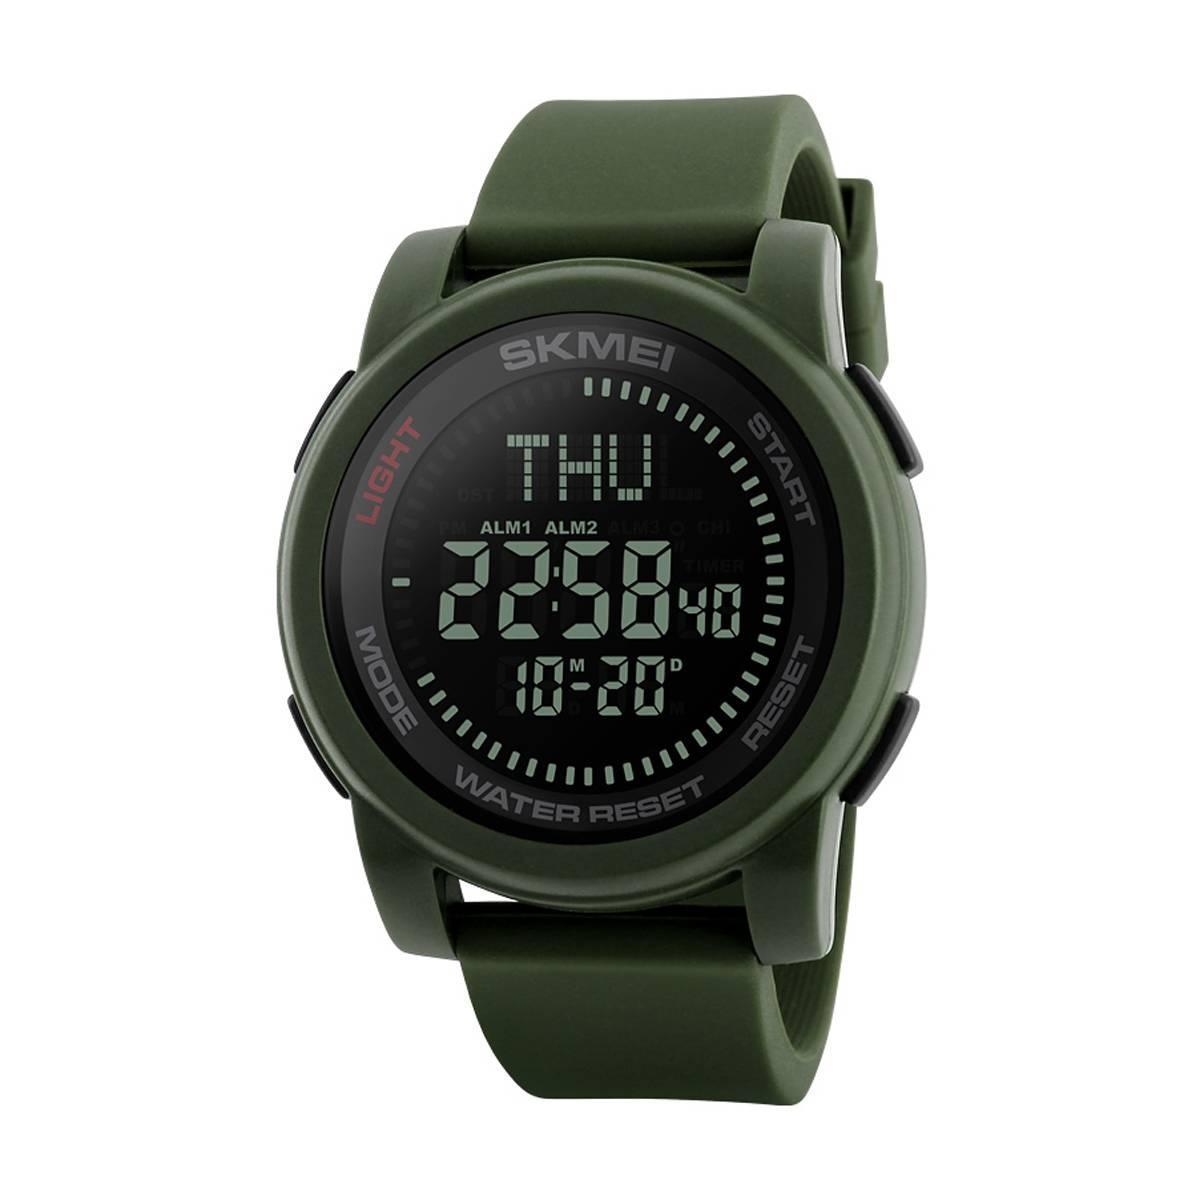 Cпортивные часы с компасом Skmei Compas 1289 Зеленые